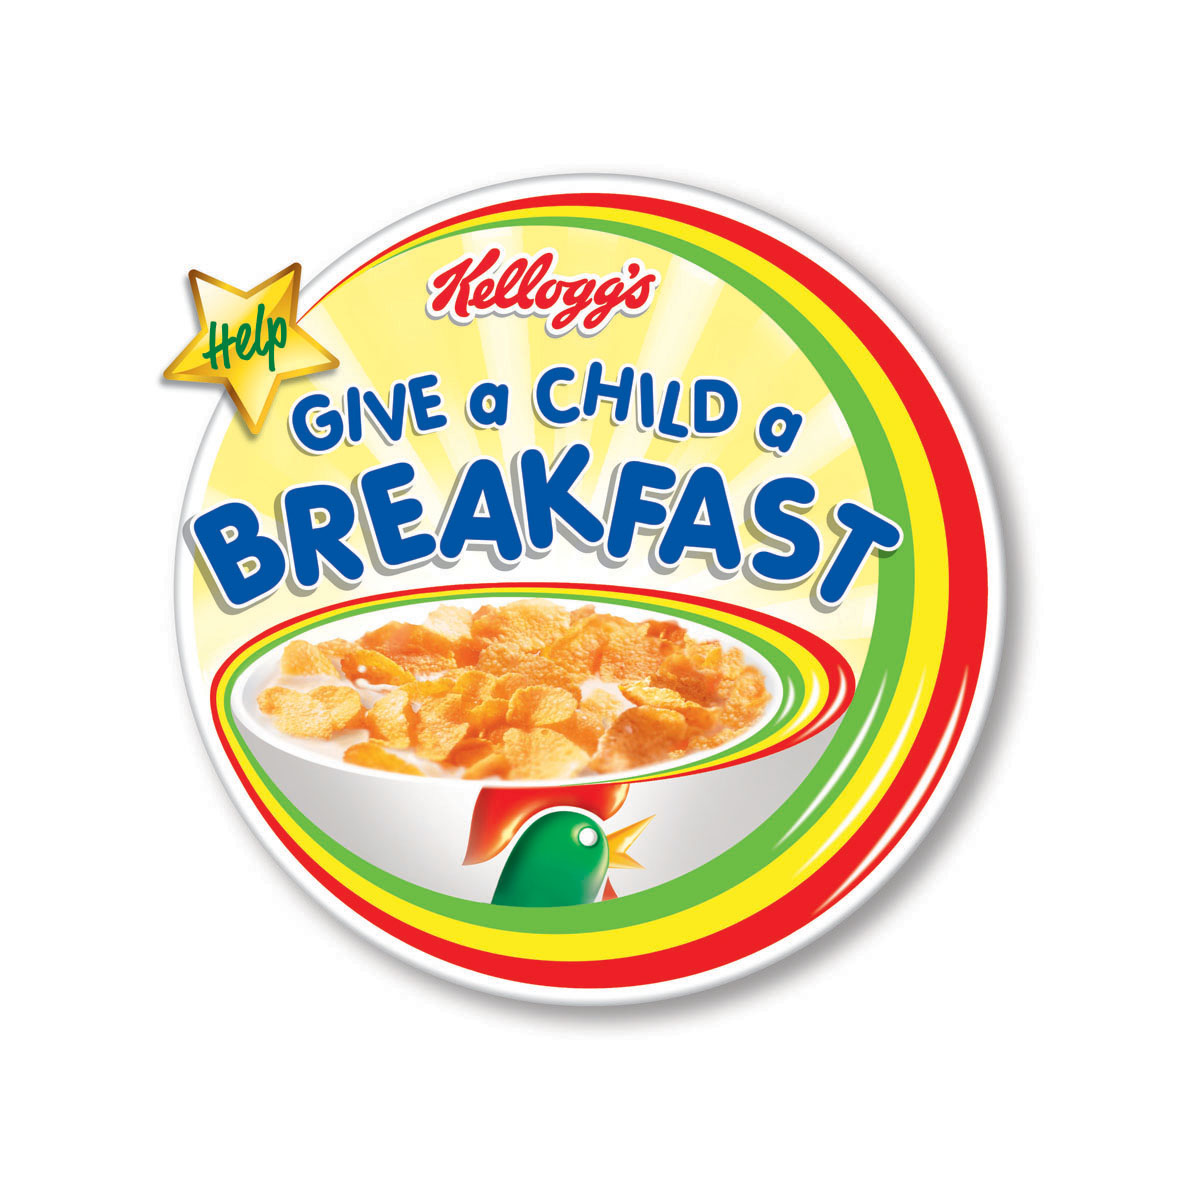 Marketing Strategies - Breakfast Cereal&nbspEssay